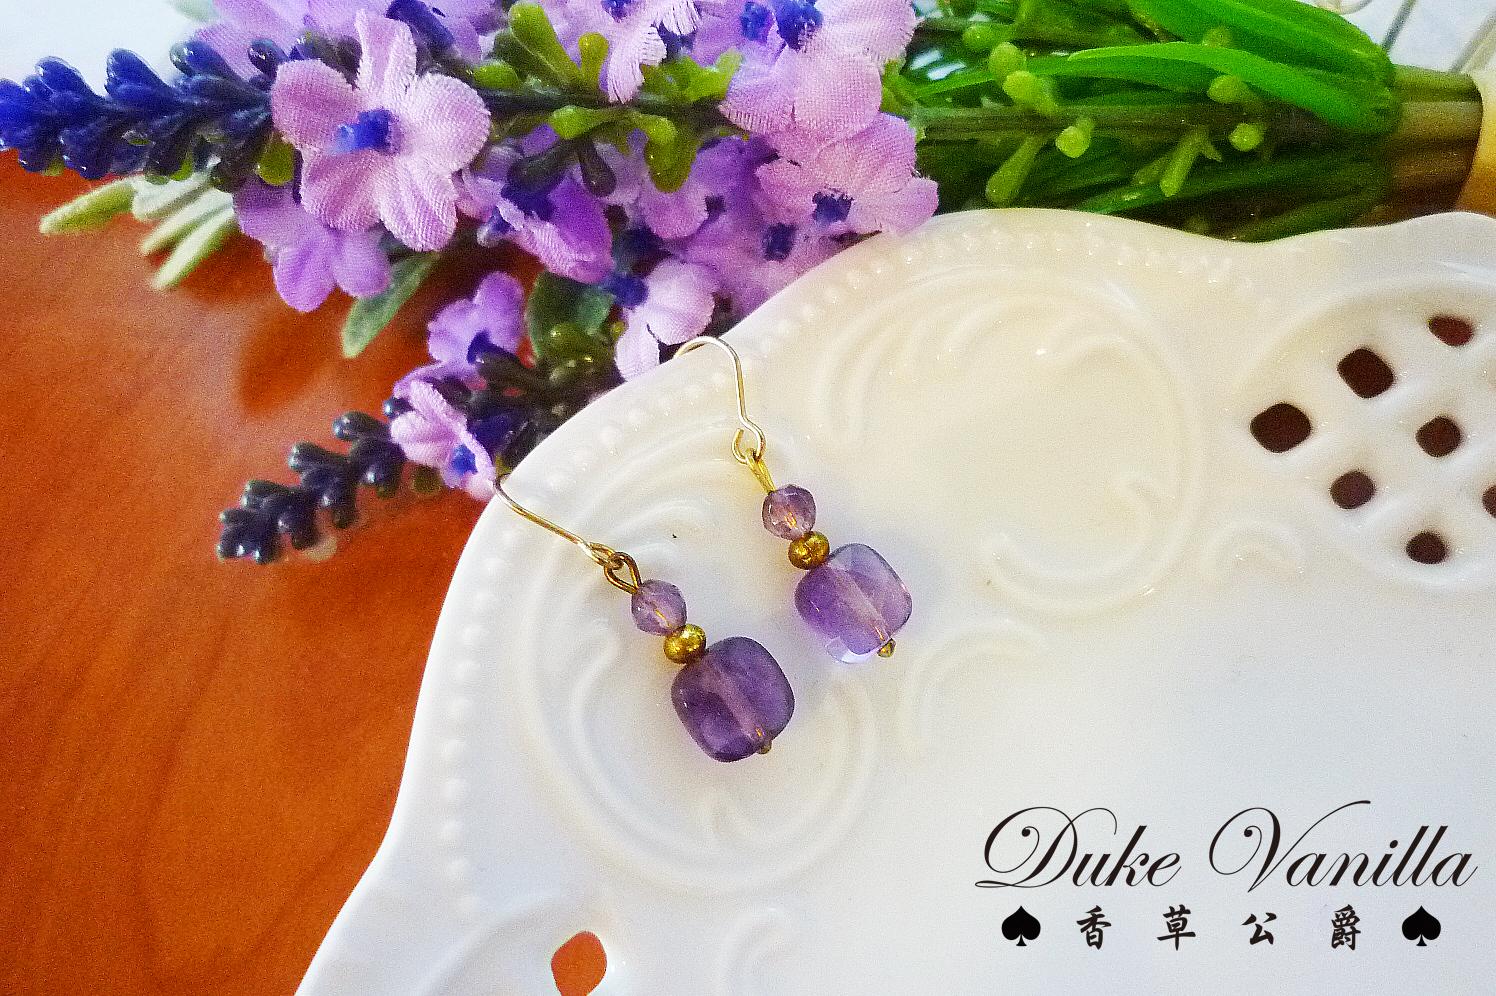 小方塊紫水晶簡約耳環 - Duke Vanilla 香草公爵